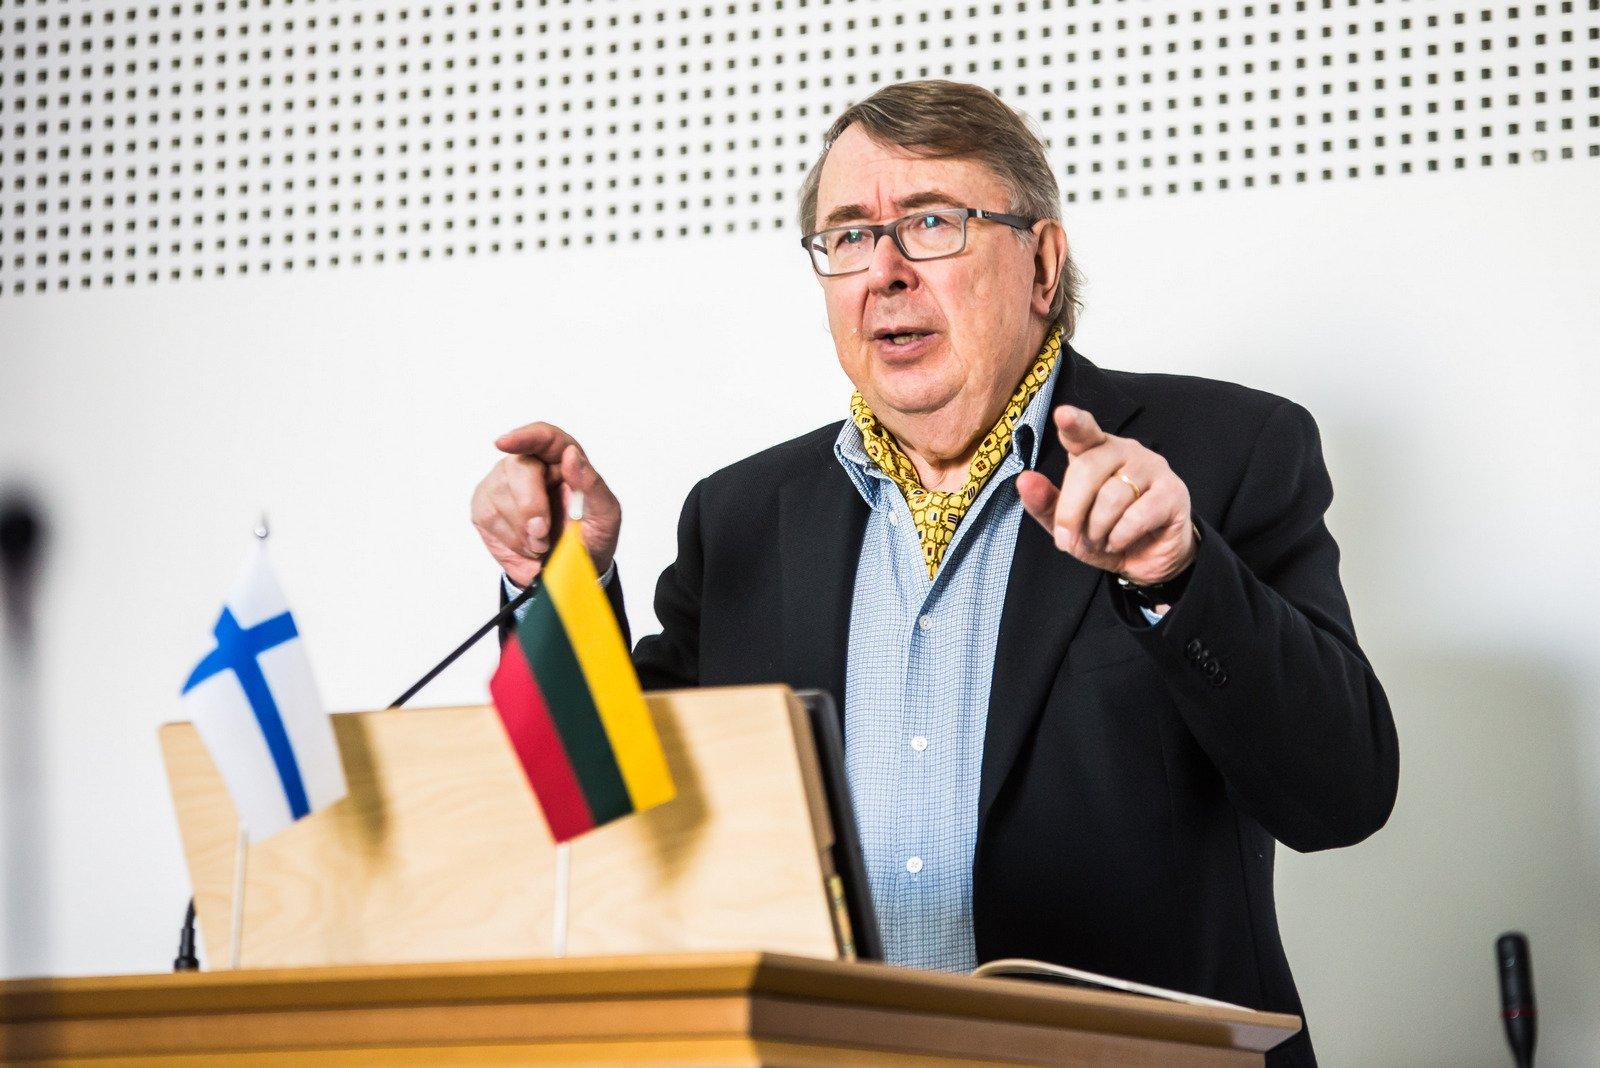 Suomių profesoriai: pertvarkai nereikia revoliucijos | VDU